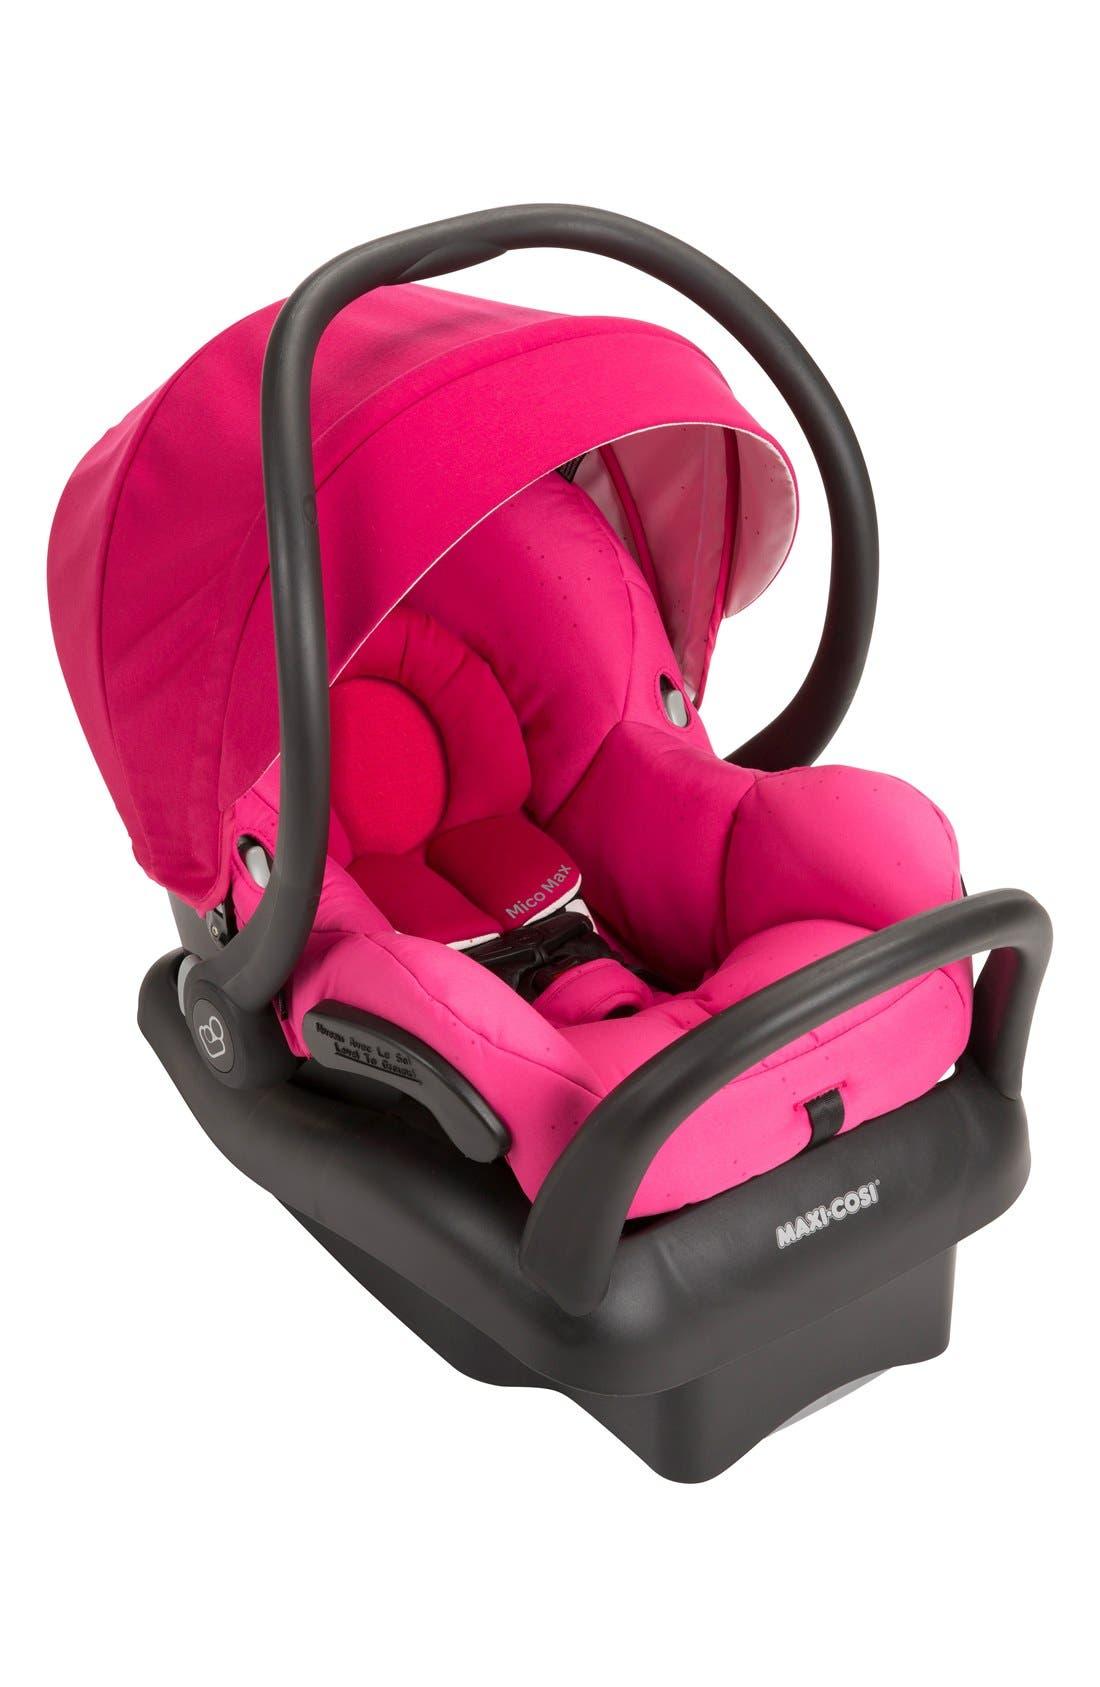 Main Image - Maxi-Cosi® Mico Max 30 Infant Car Seat